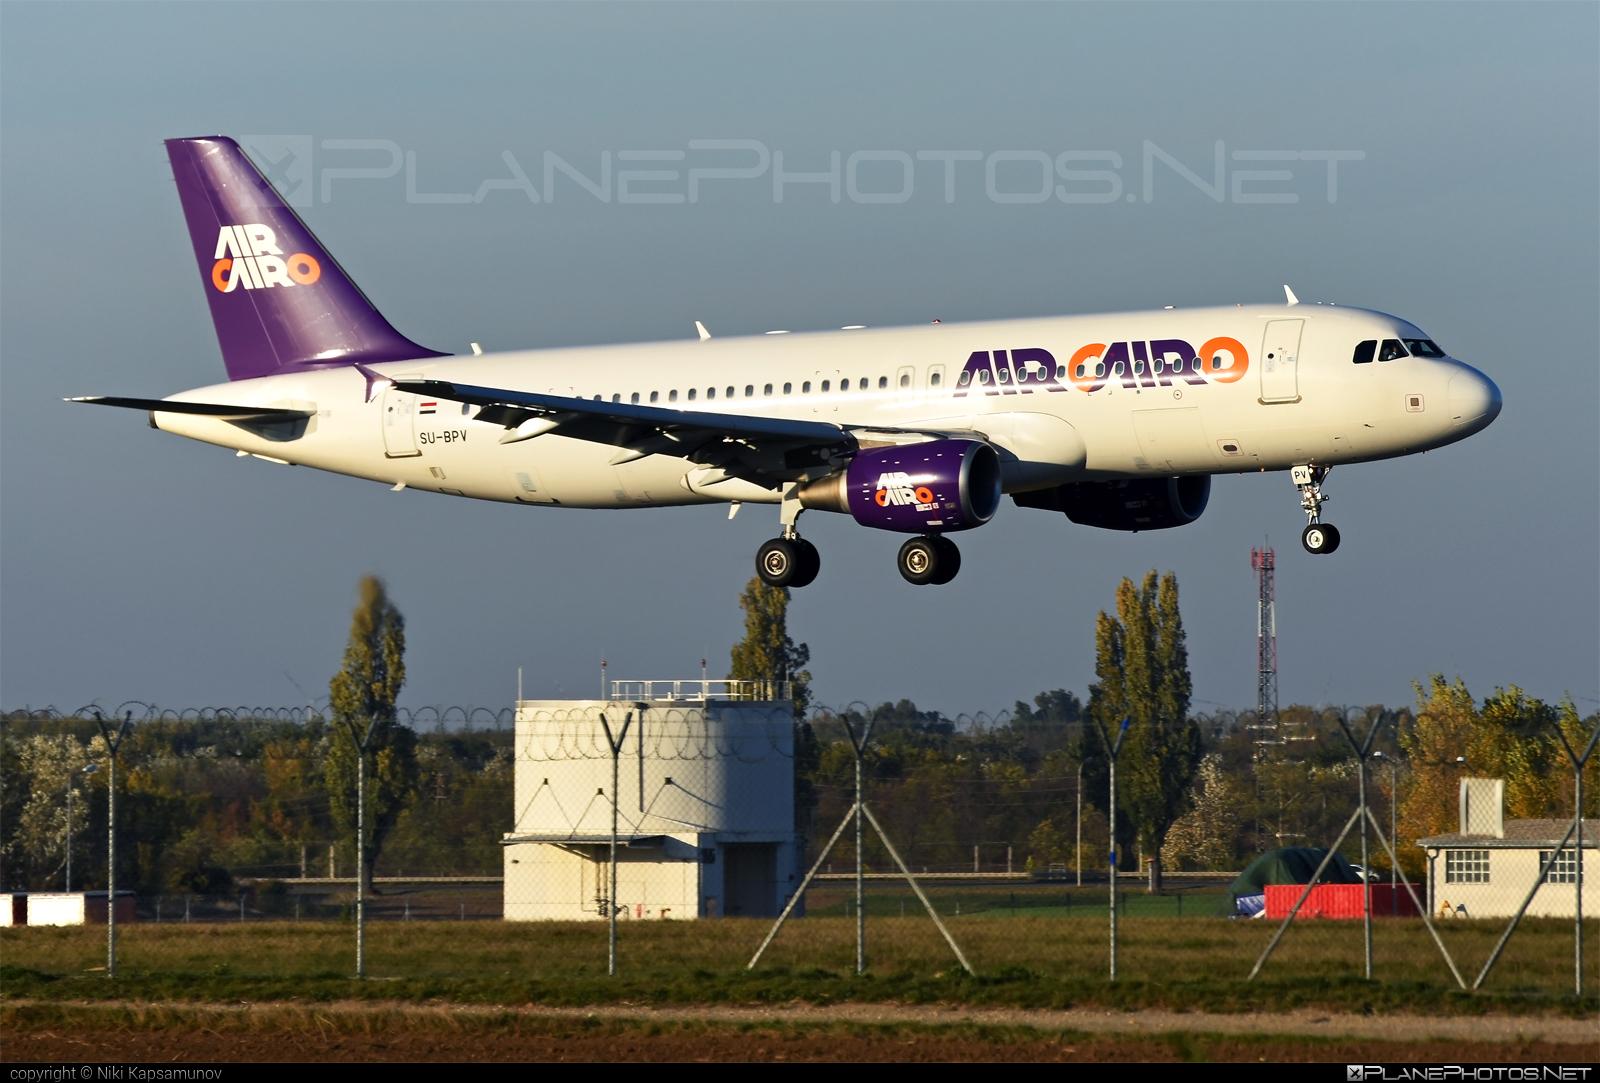 Airbus A320-214 - SU-BPV operated by Air Cairo #a320 #a320family #airbus #airbus320 #aircairo